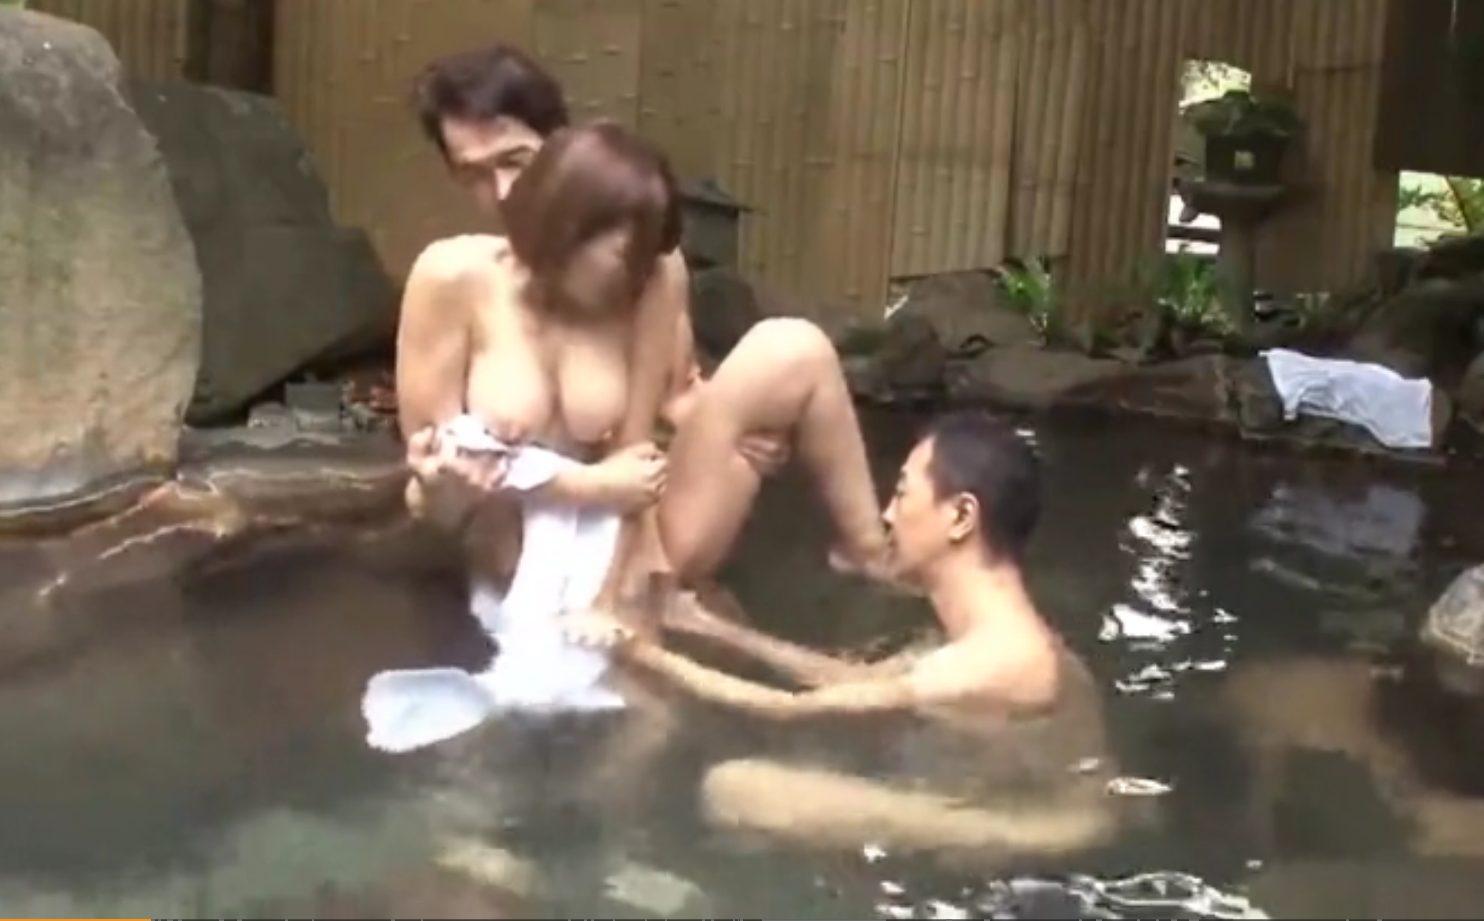 【※巨乳レイプ※】温泉で色白巨乳女を犯して中出し!媚薬で抵抗力を奪い逃げることも許さない…!